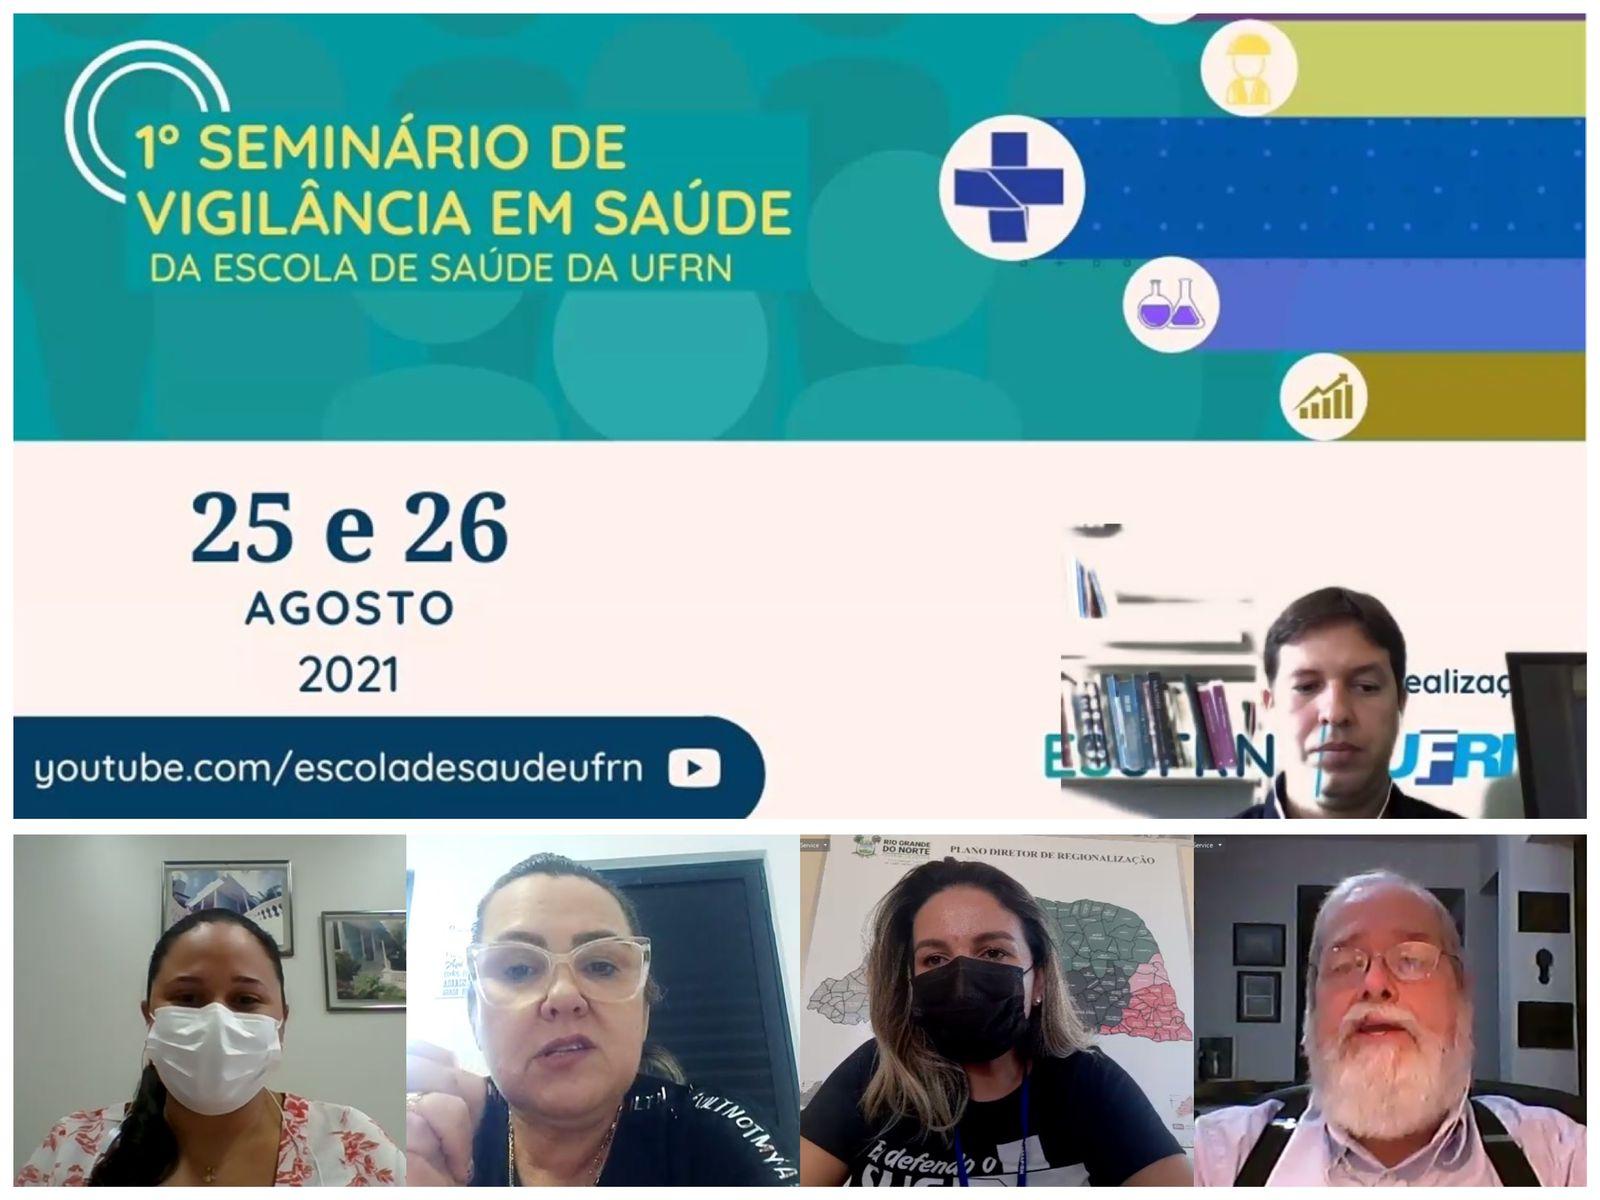 PRESIDENTE ELIZA GARCIA PARTICIPA DE MESA DE ABERTURA DO 1º SEMINÁRIO DE VIGILÂNCIA EM SAÚDE DA UFRN